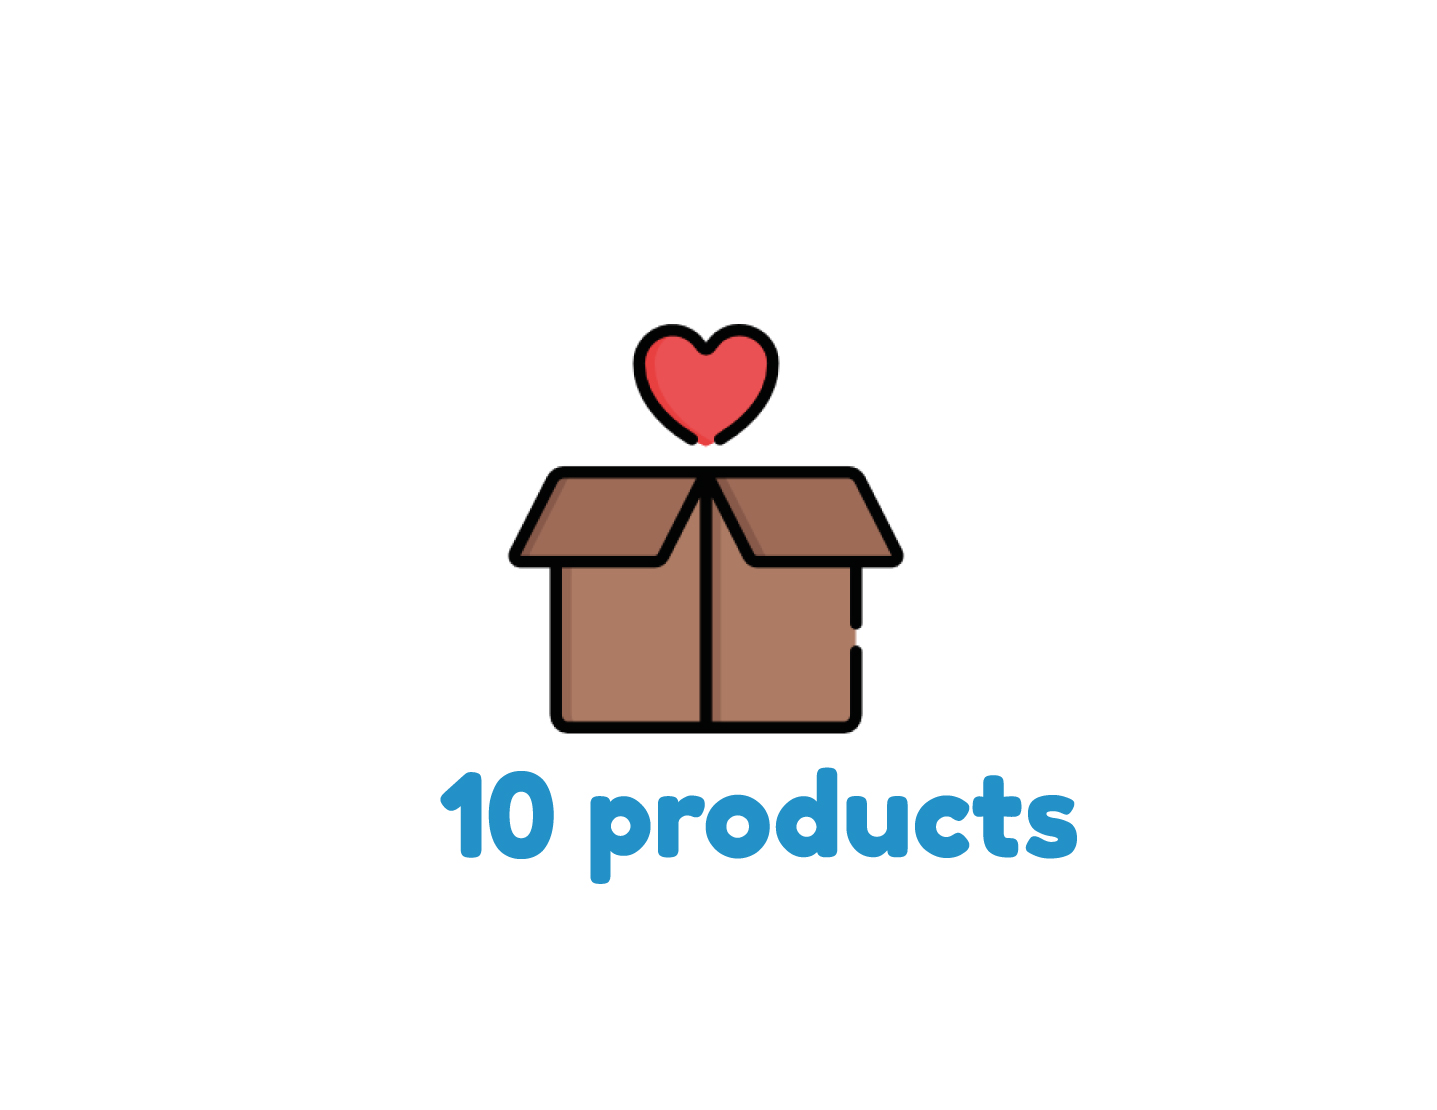 Premium Box 10 Products